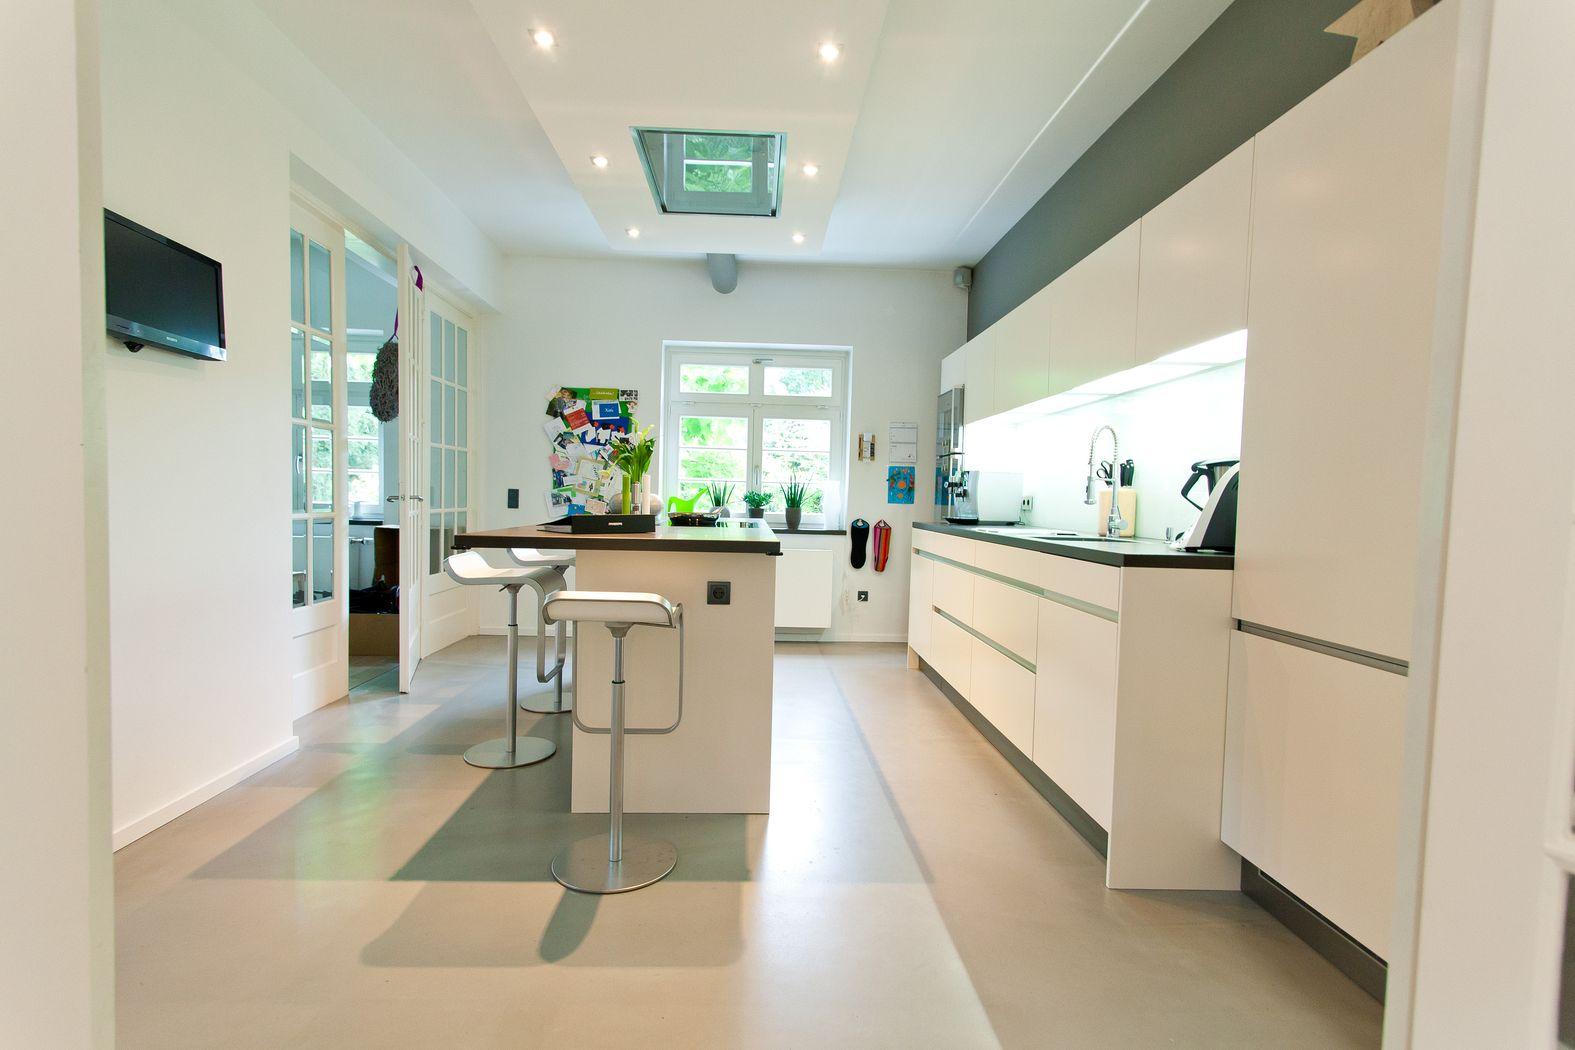 Leicht küchen grifflos  Leicht Küchen - Küchenhaus Thiemann Overath/Vilkerath